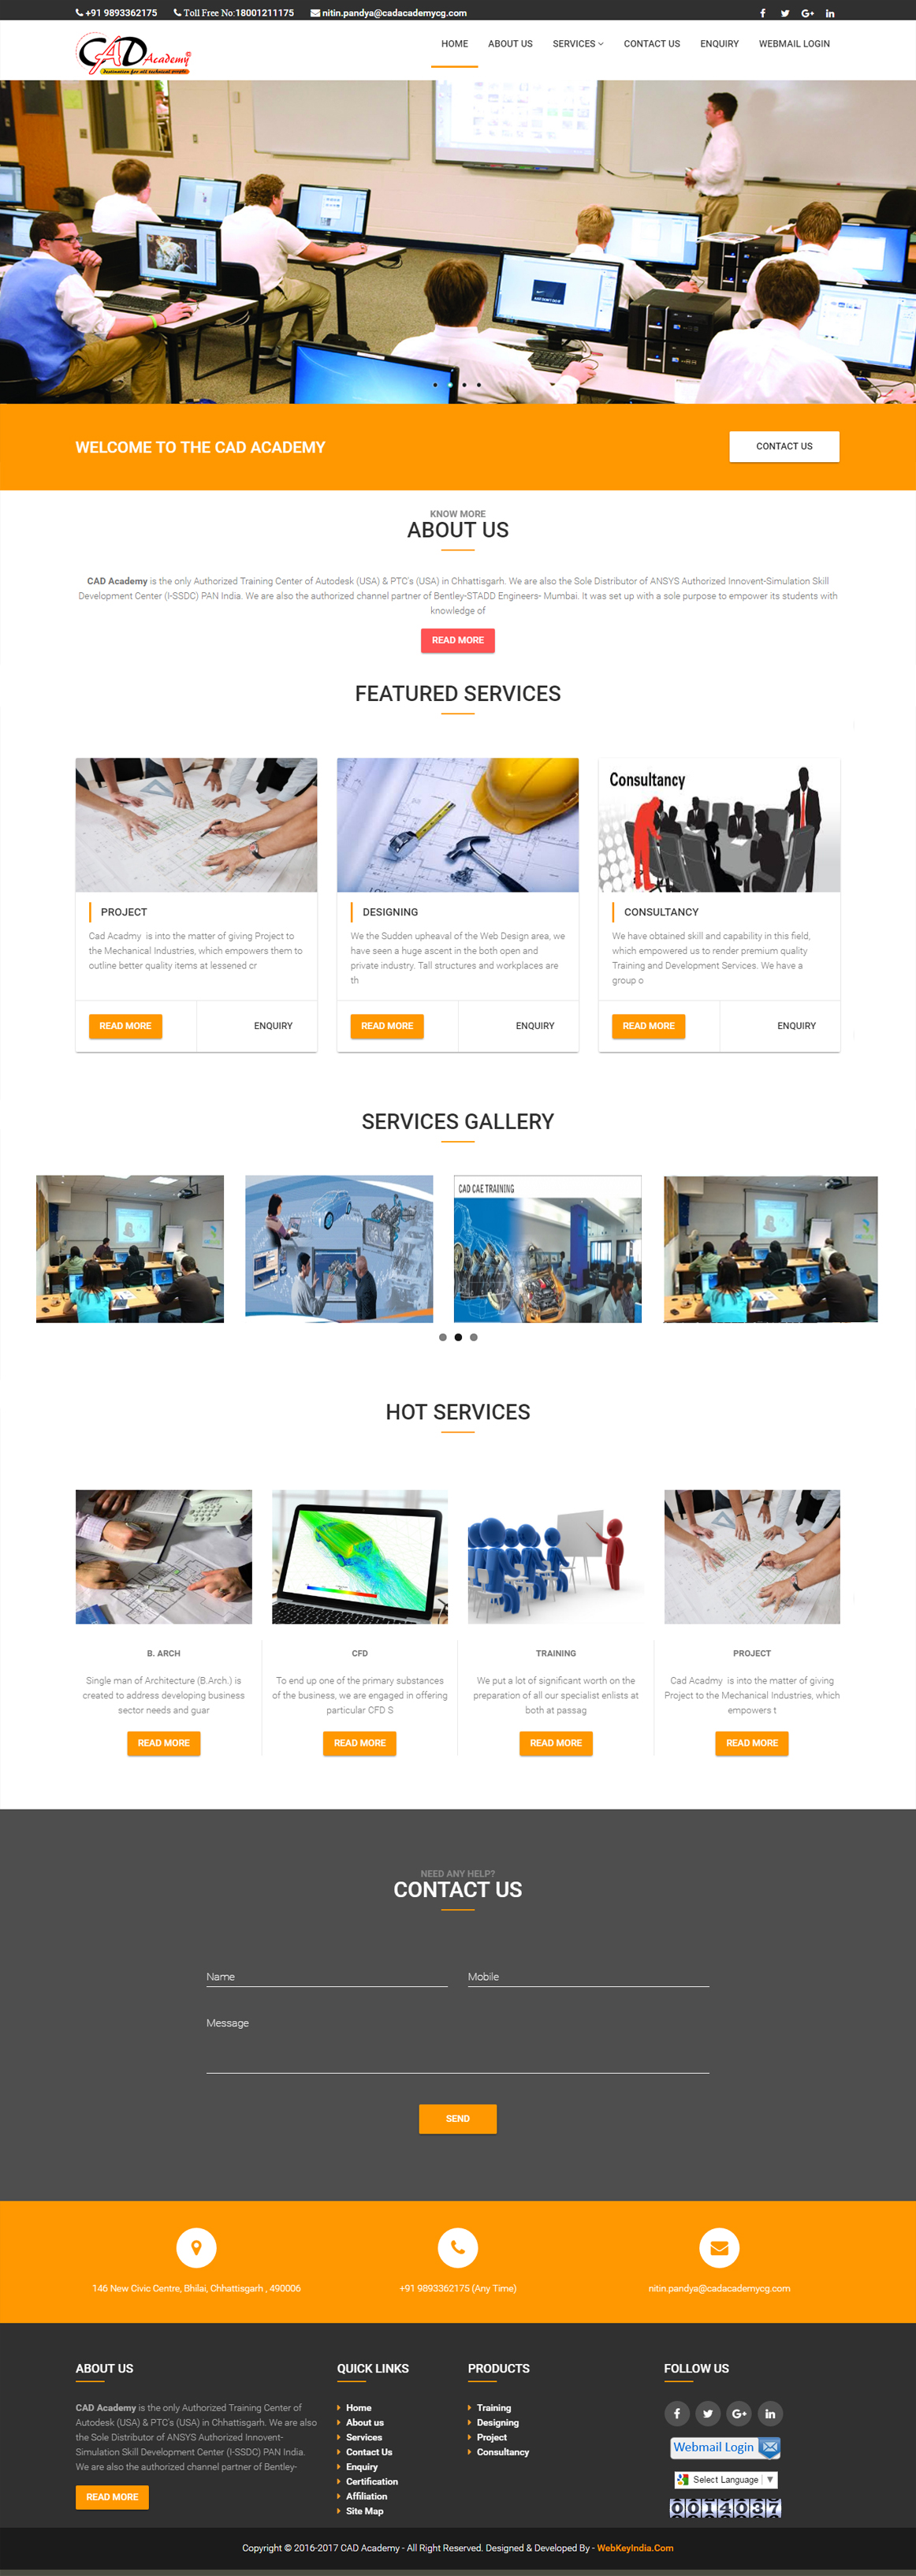 CAD Academy